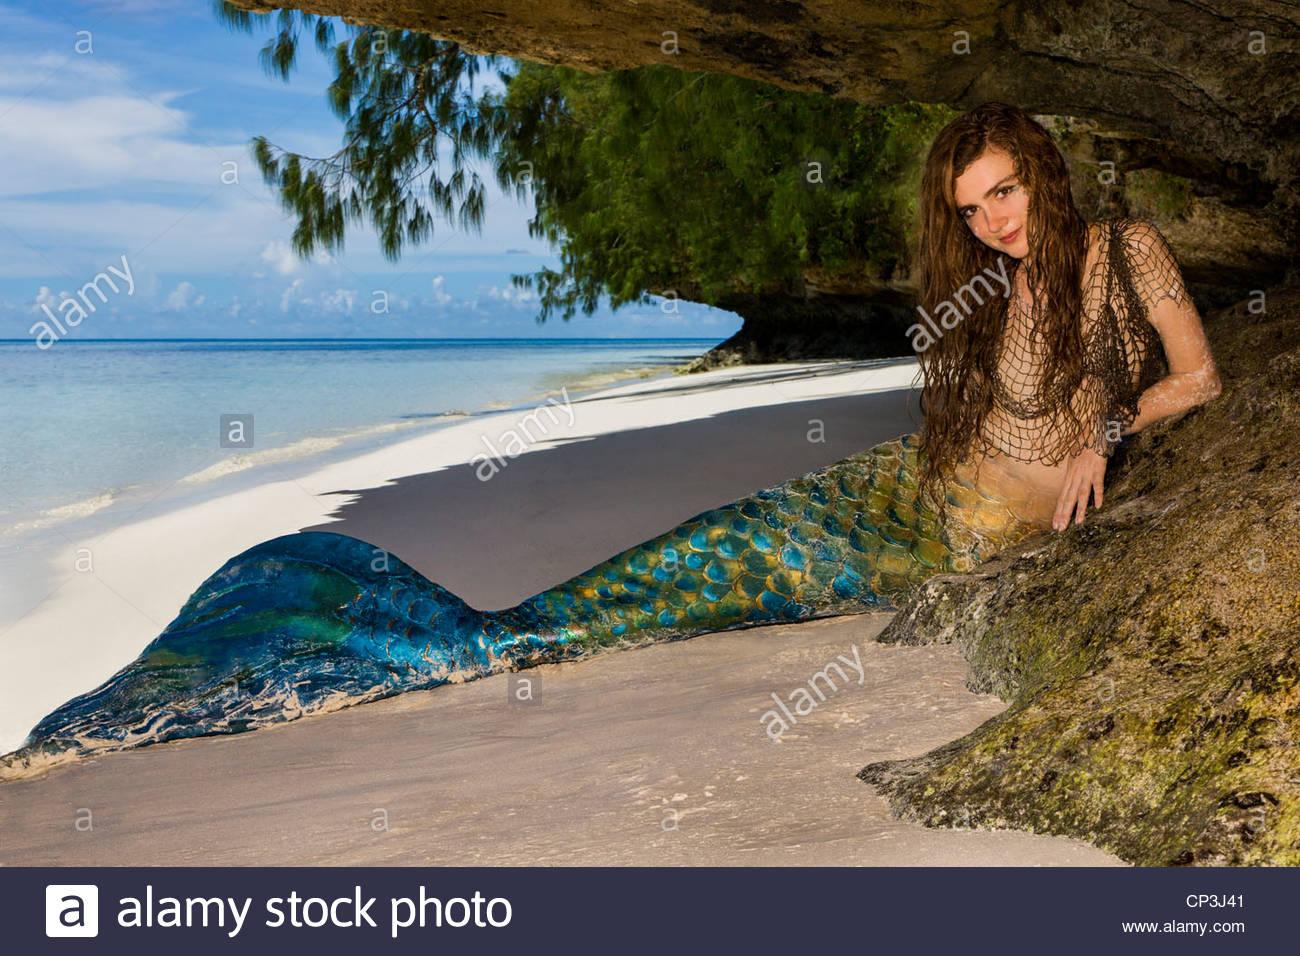 Island Palau Micronesia Stock Photos & Island Palau Micronesia.